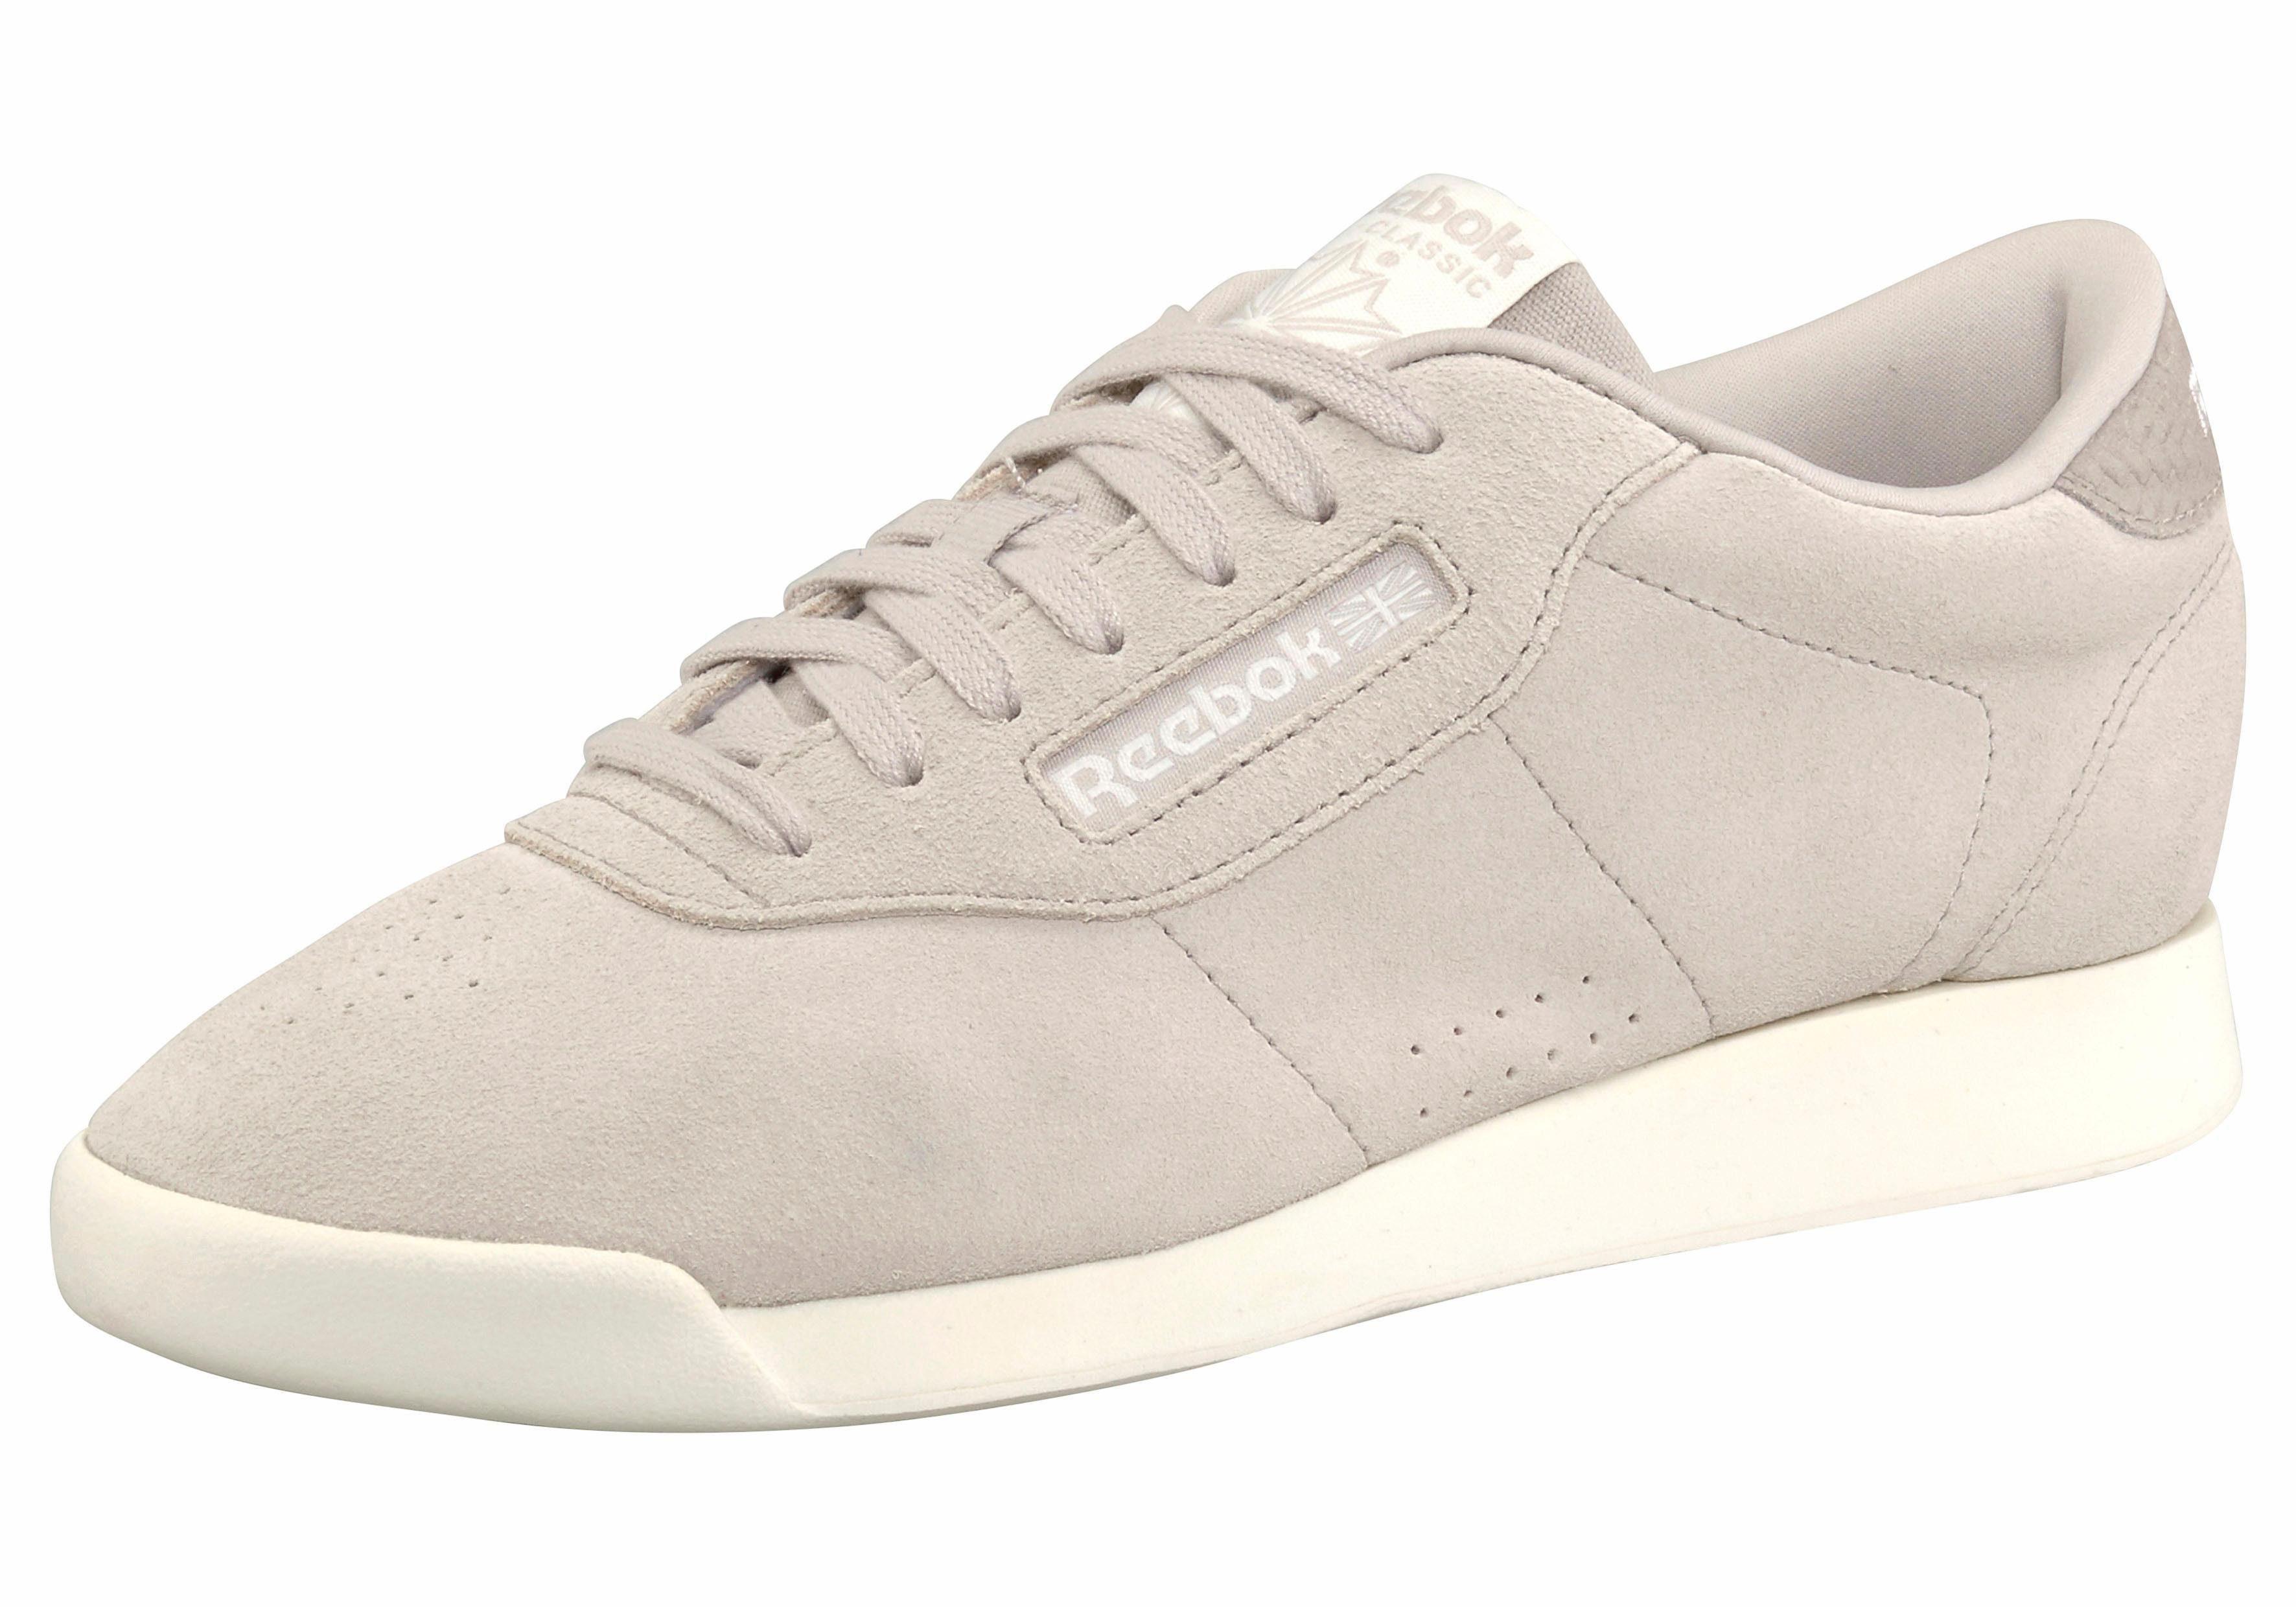 Chaussures Légères Reebok Gris Pour Les Femmes jL5ns7Tm